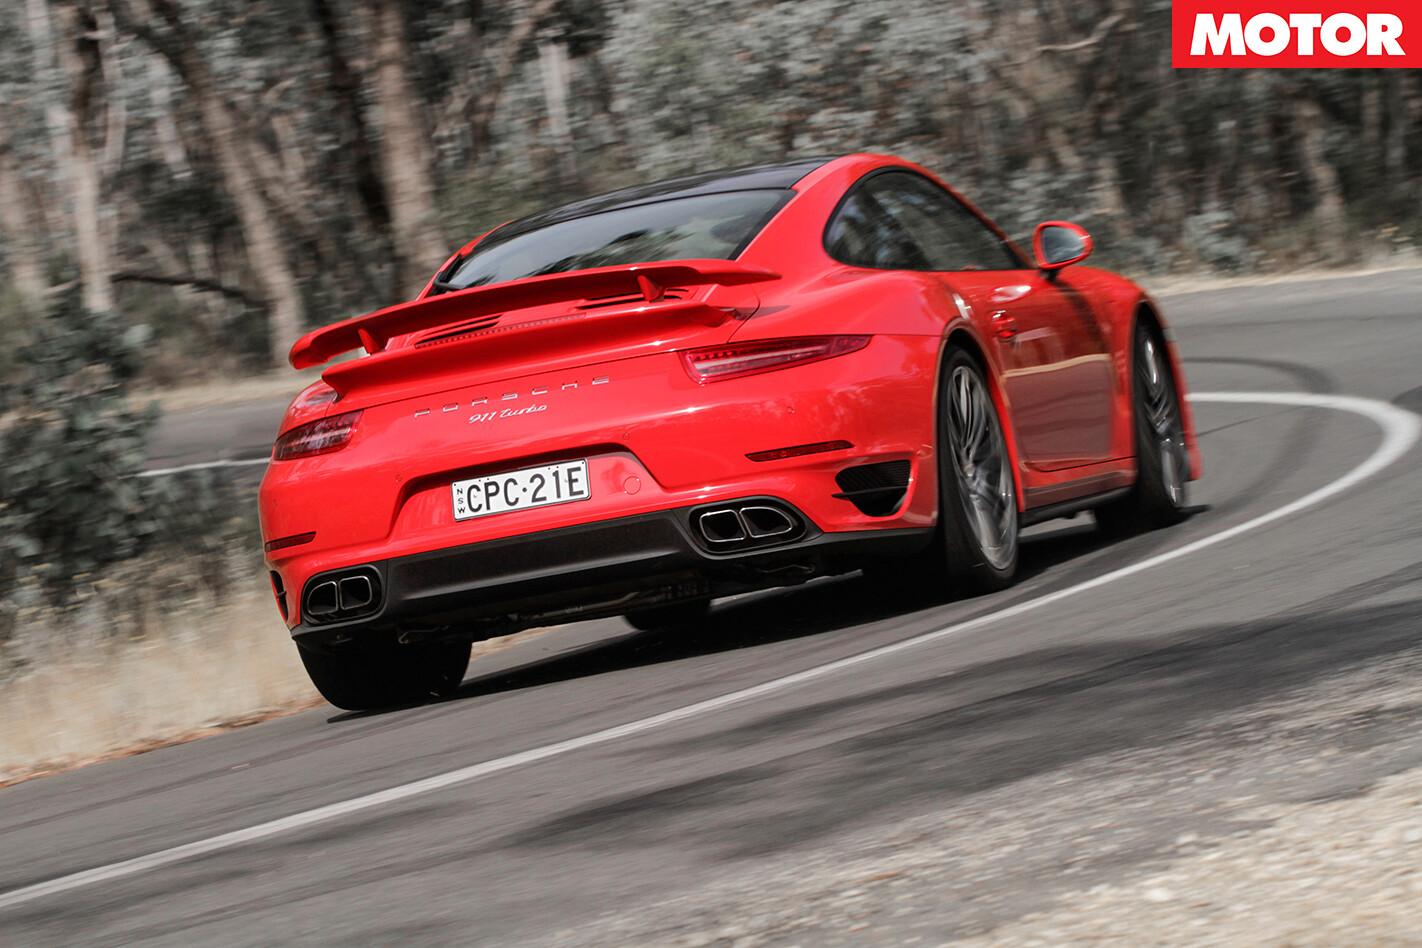 Porsche 911 Turbo vs Audi R8 V10 Plus